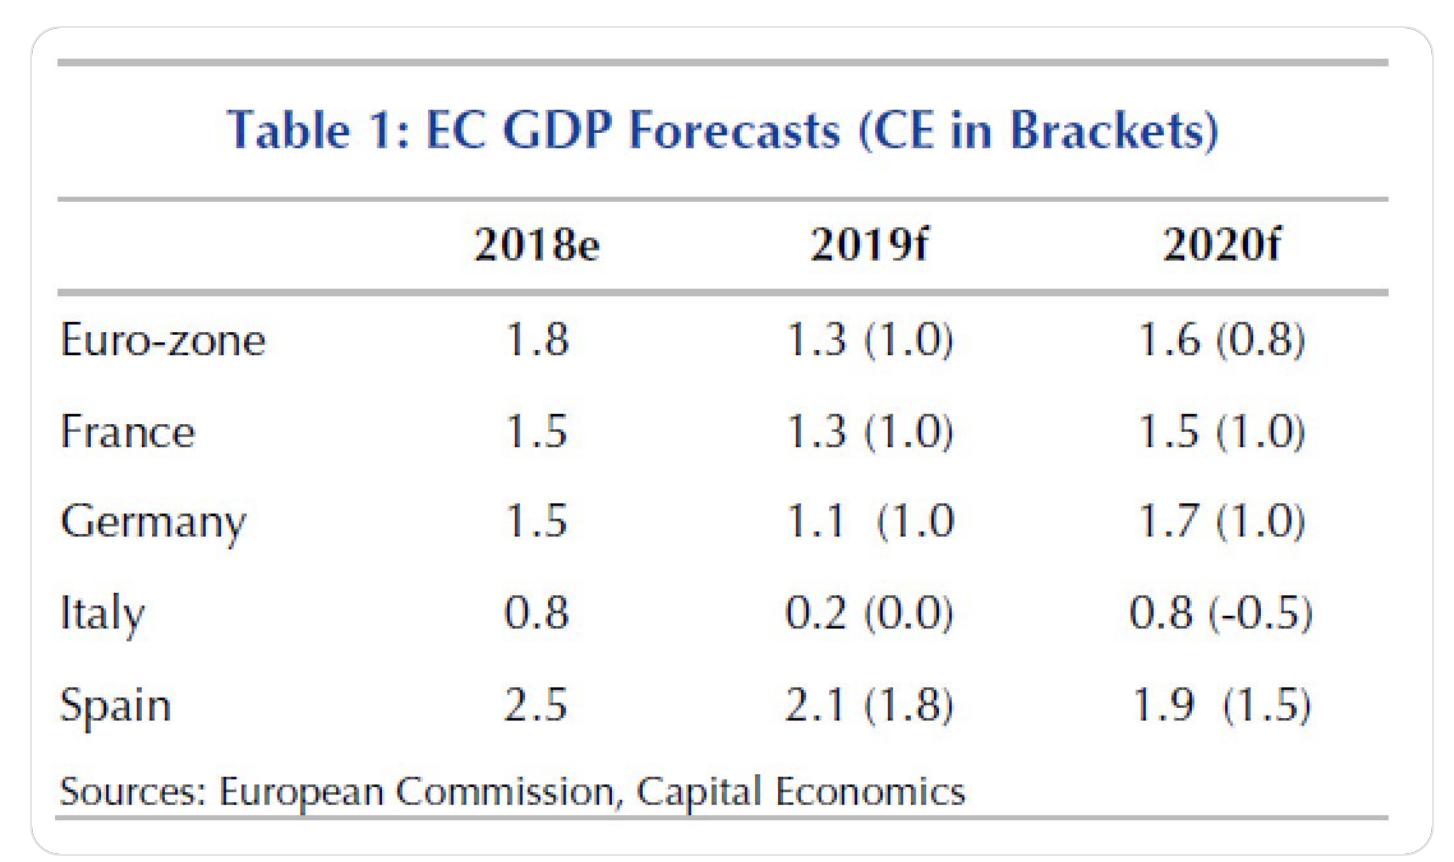 EC GDP Forecasts